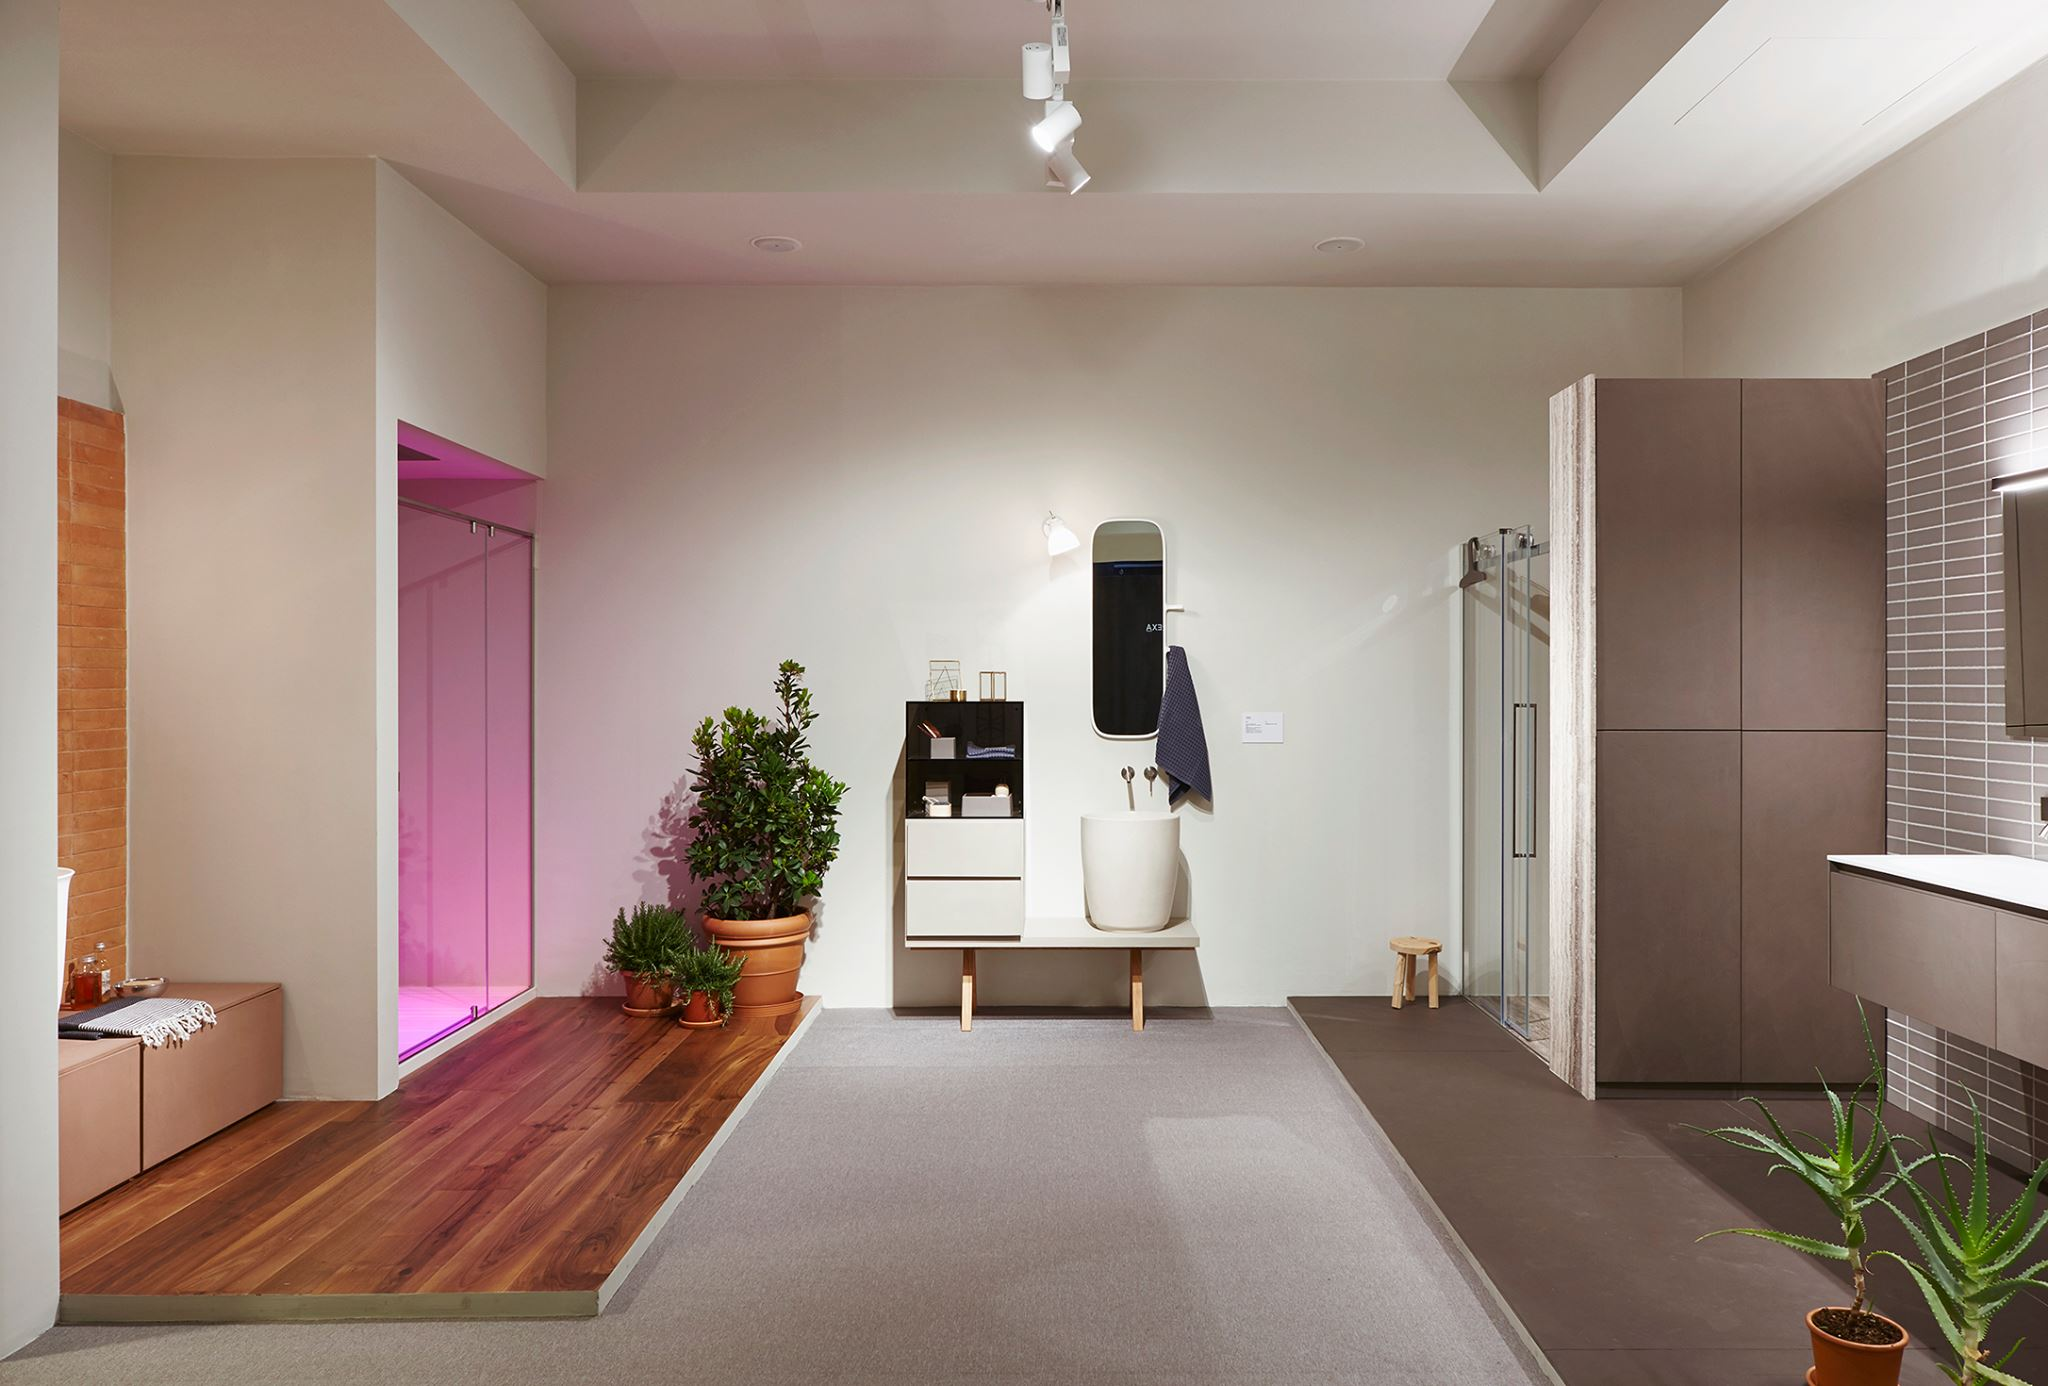 Plante Pour Salle De Bain Sombre une salle de bain joliment zen avec des plantes - chez mooze